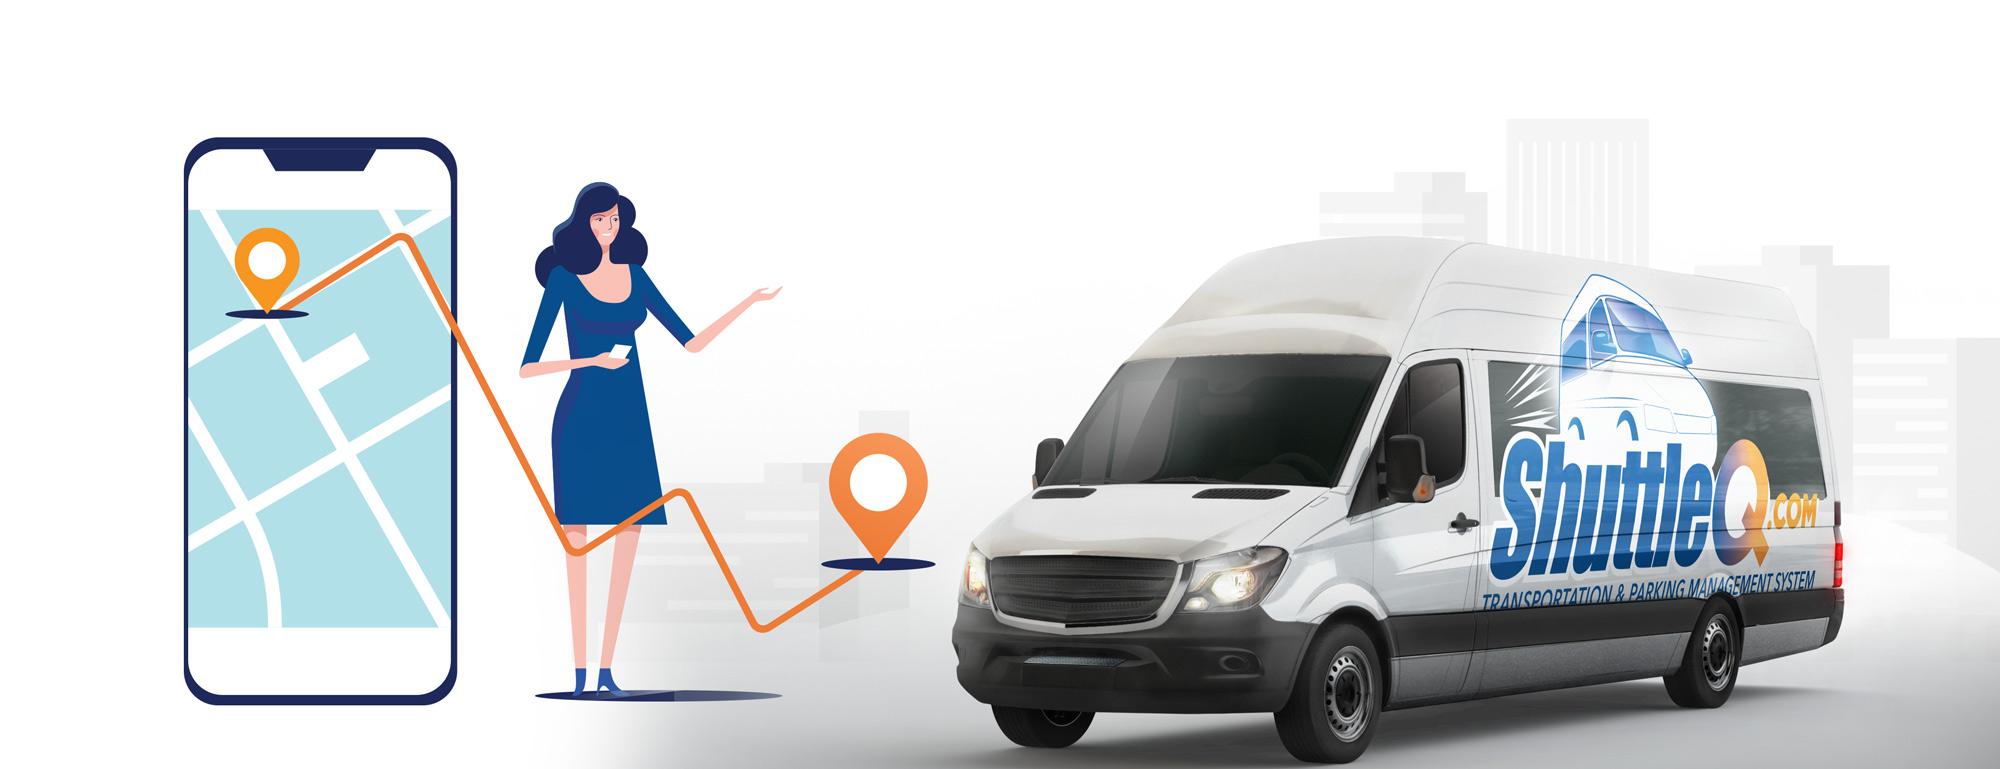 Shuttle Tracking Transportation Management Parking Software